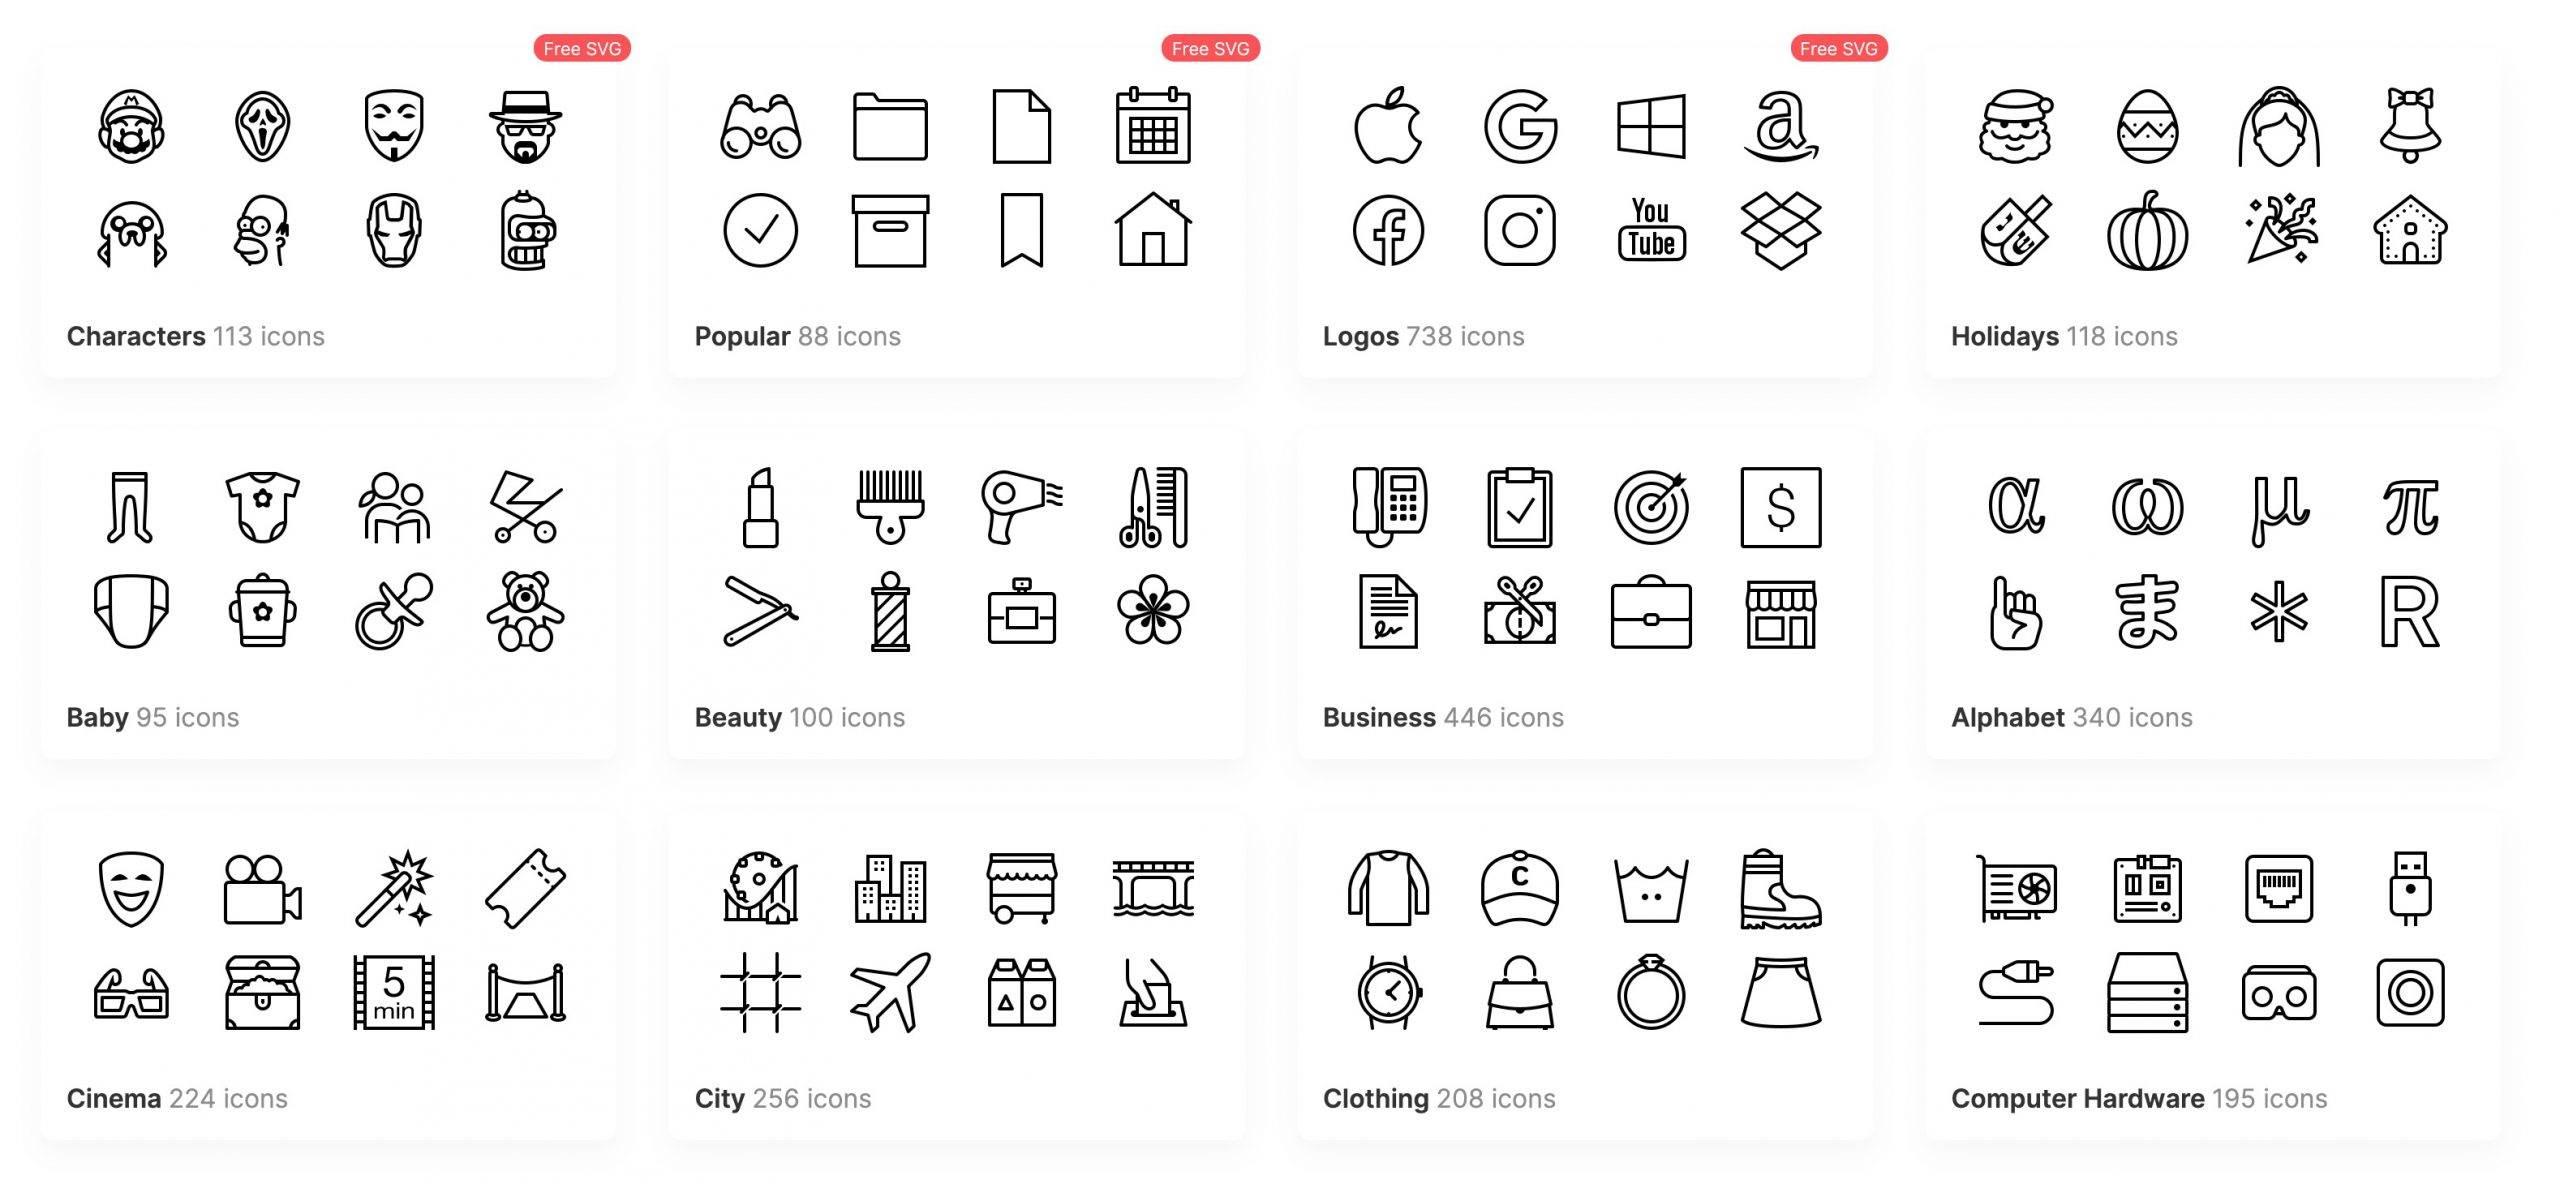 Darmowe paczki ikon dla iPhone i iPad z iOS 14 / iPadOS 14 polecane, ciekawostki Za damo, paczki ikon, iPhone, iPadOS 14, iPad, iOS 14, ikony, darmowe paczki ikon na iPhone, darmowe paczki ikon na iPad, darmowe ikony na. iPad, darmowe ikony na iPhone  System iOS 14 wprowadził kilka nowych funkcji takich jak możliwość zmiany domyślnej przeglądarki i aplikacji pocztowej, czy PiP. Jednak prawdziwym hitem okazały się widżety i możliwość zmiany wyglądu ekranu głównego. 1@2x 60 scaled